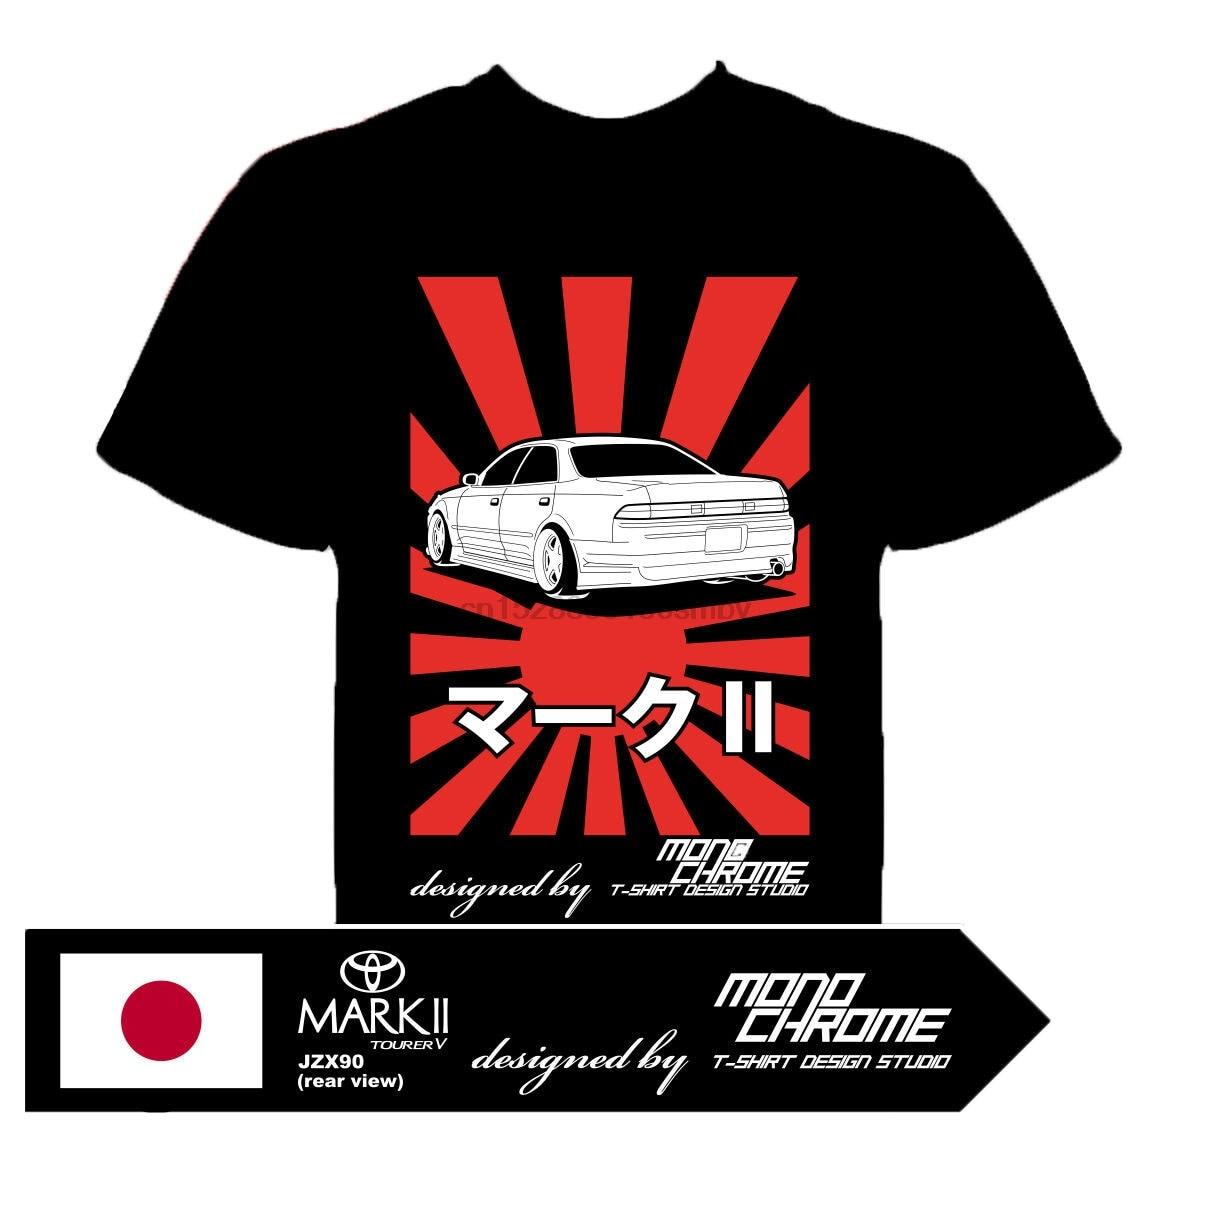 T-shirt Mark 2 Tourer V JZX90 (rückansicht) Top Qualität Baumwolle Casual Männer T Shirts Männer Freies Verschiffen